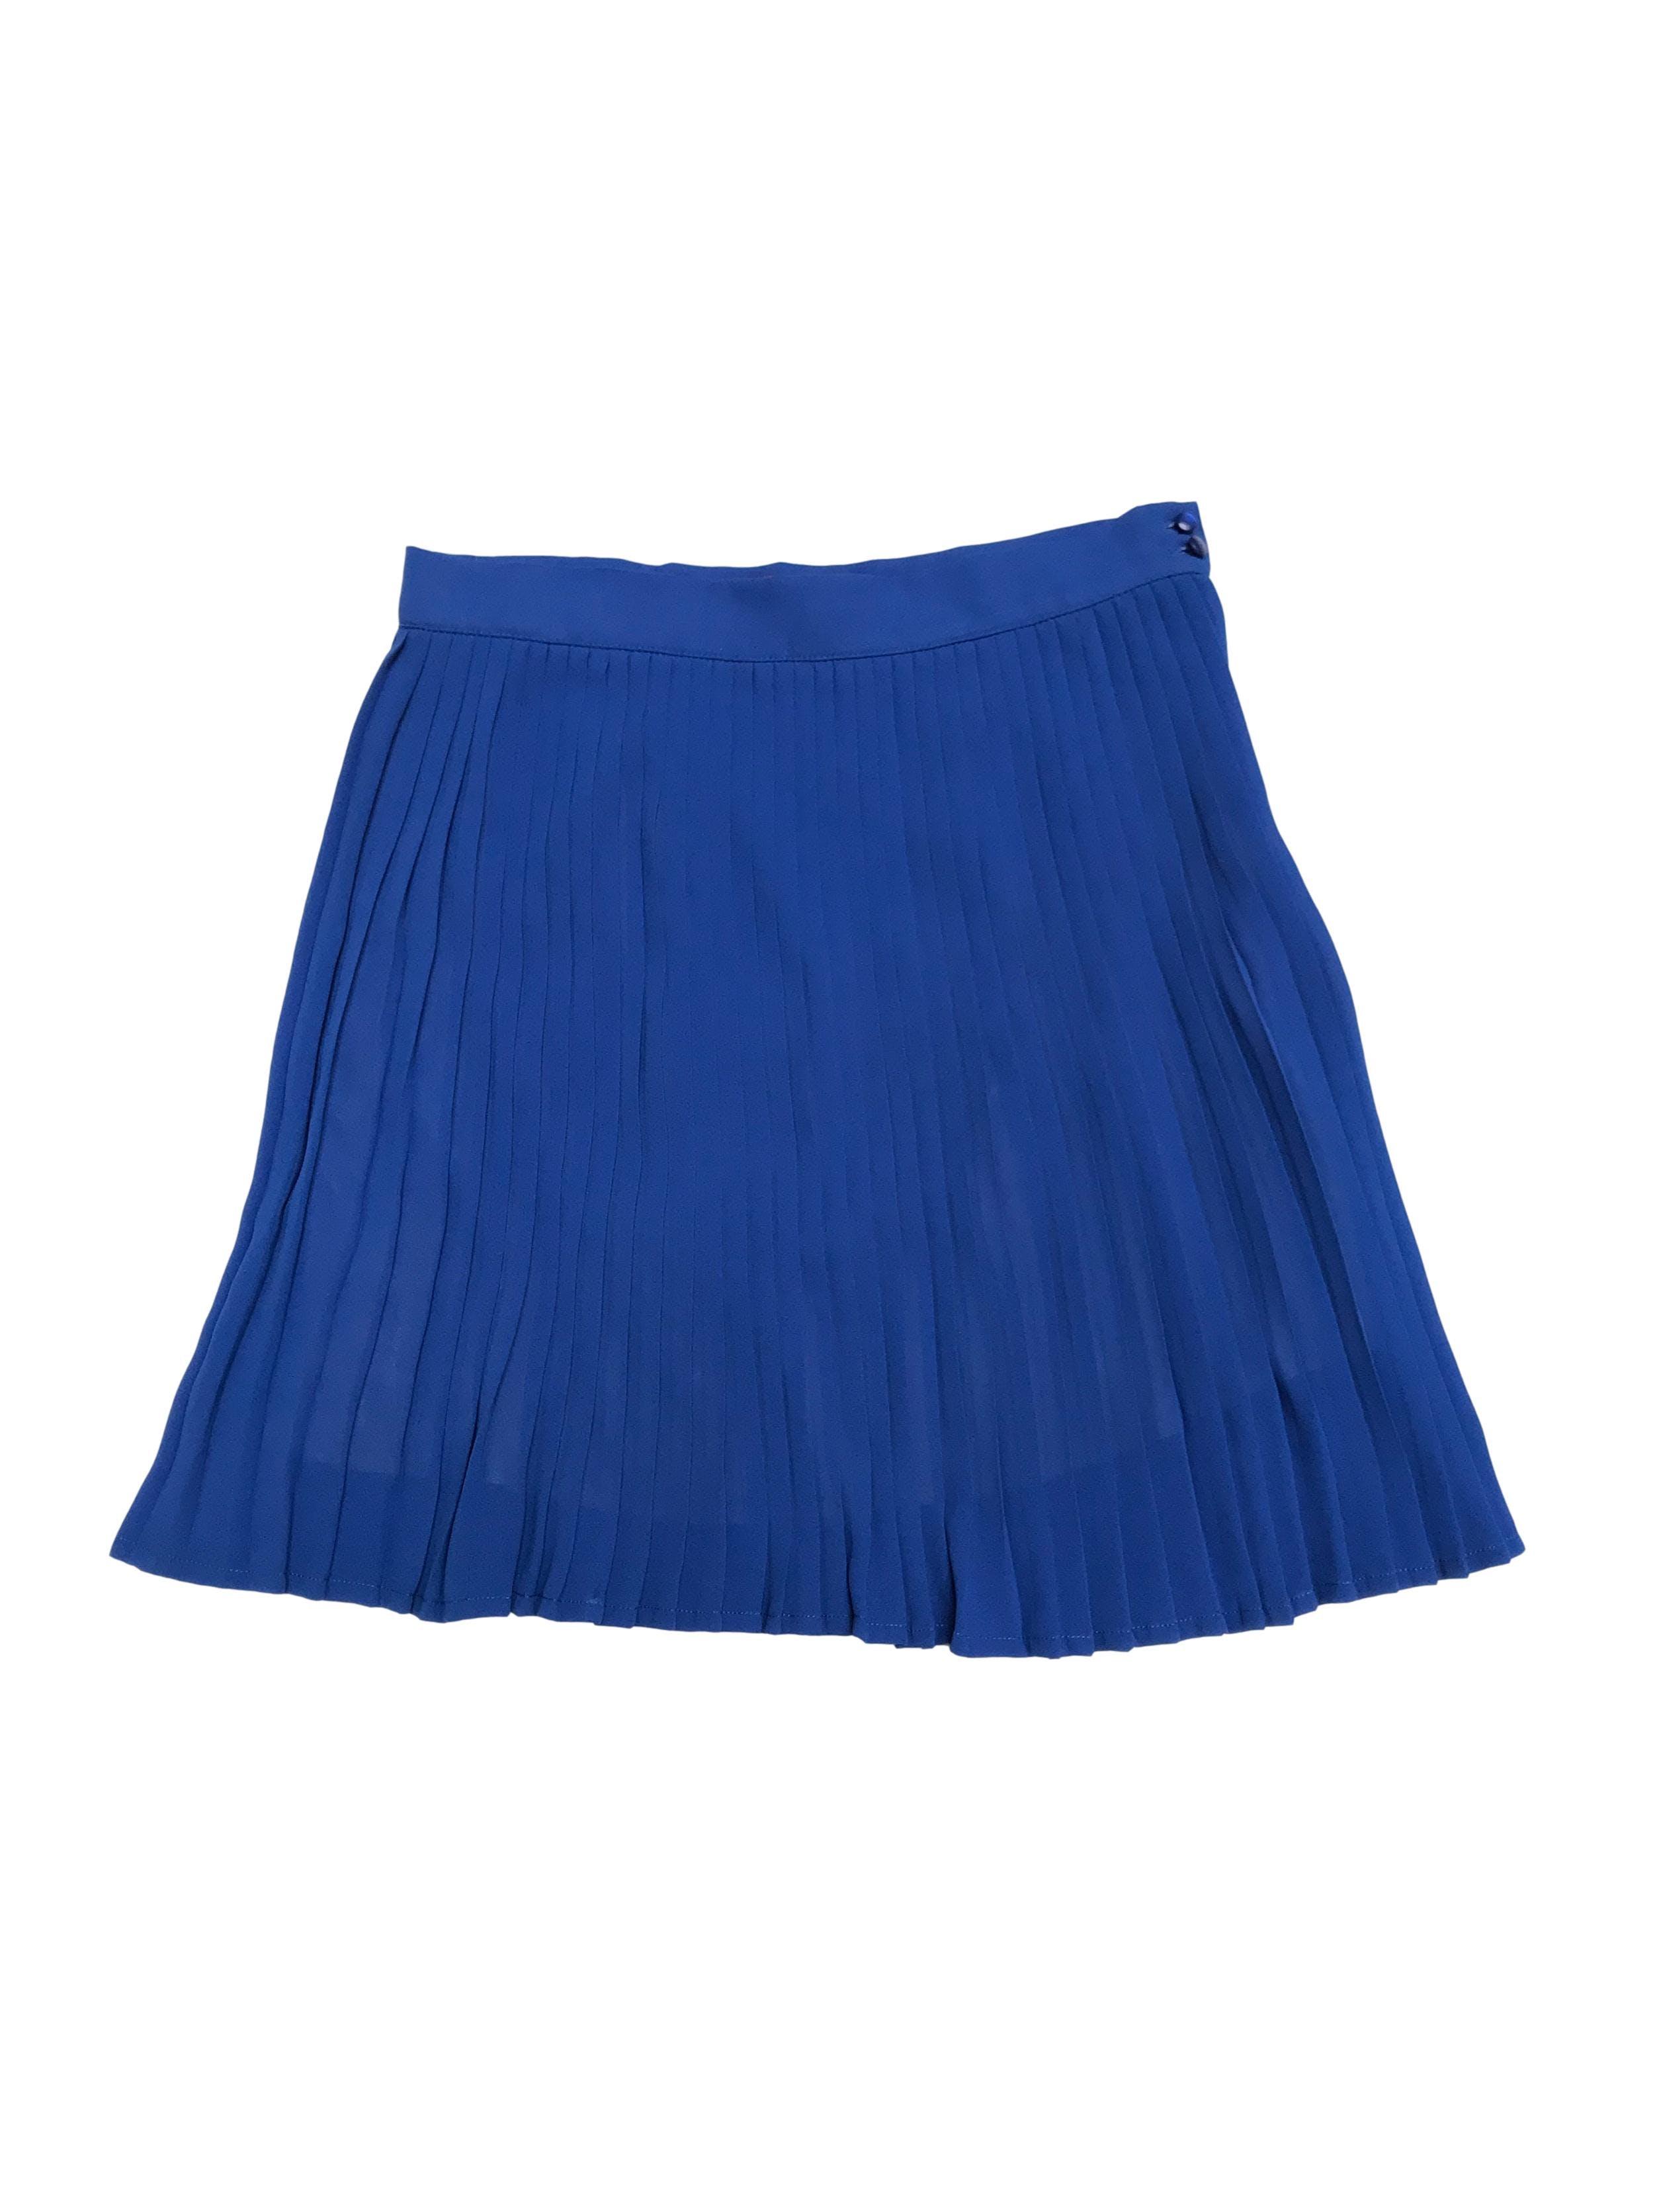 Falda CP de gasa azul plisada, forrada, con cierre y botón lateral. Cintura 70cm Largo 45cm. Precio original s/ 150